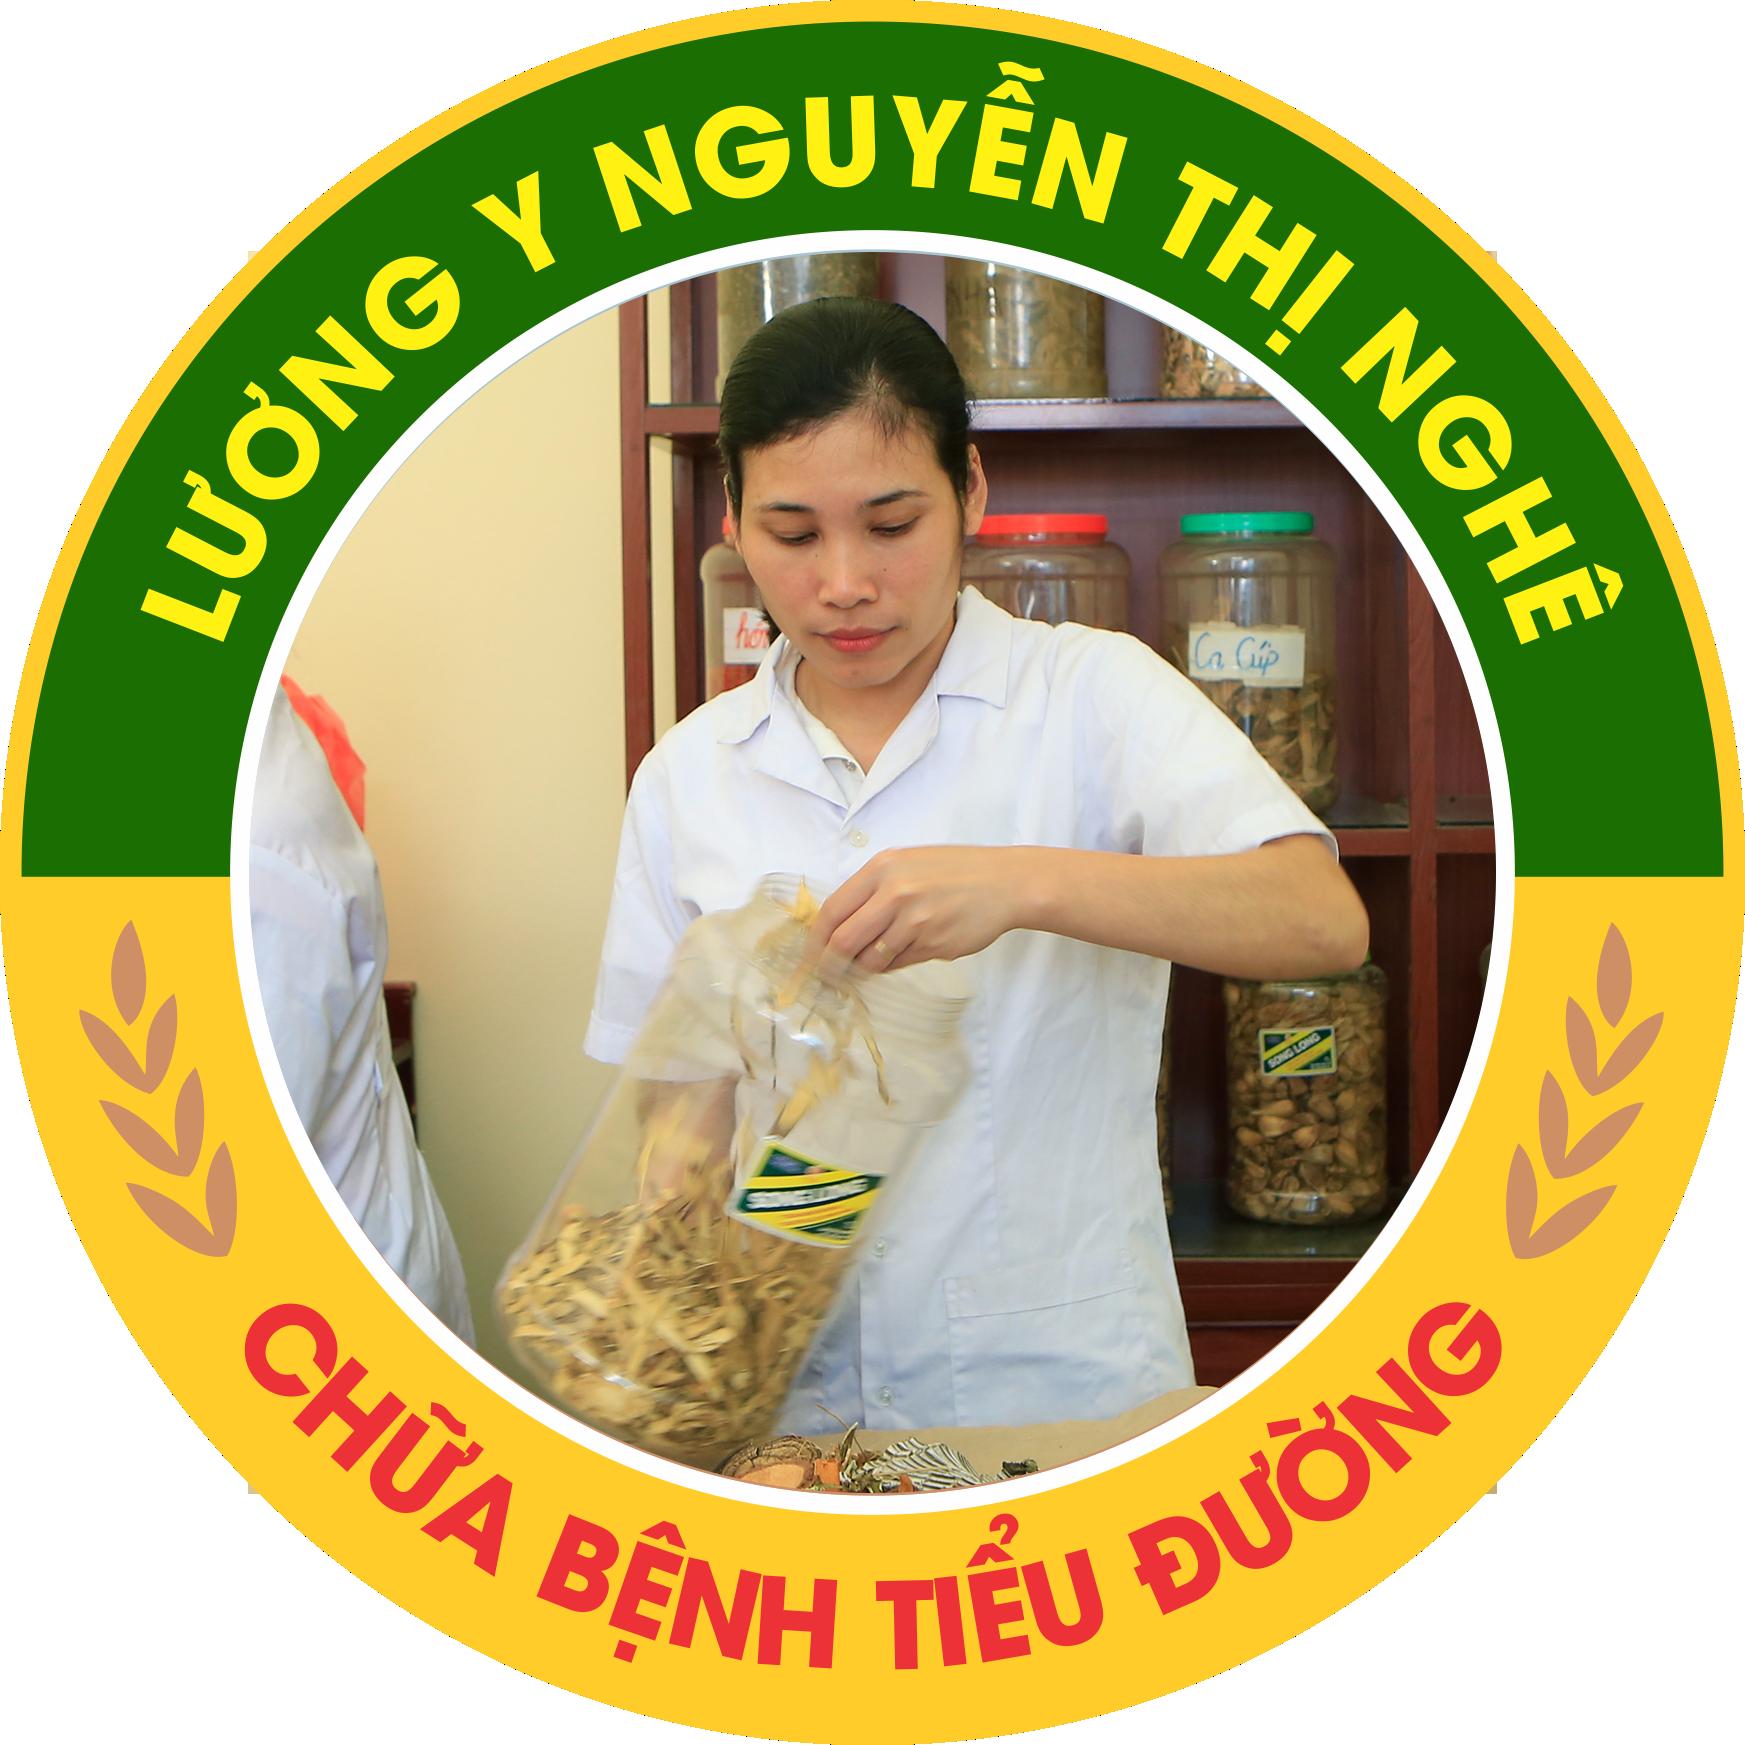 Lương Y Nguyễn Thị Nghê